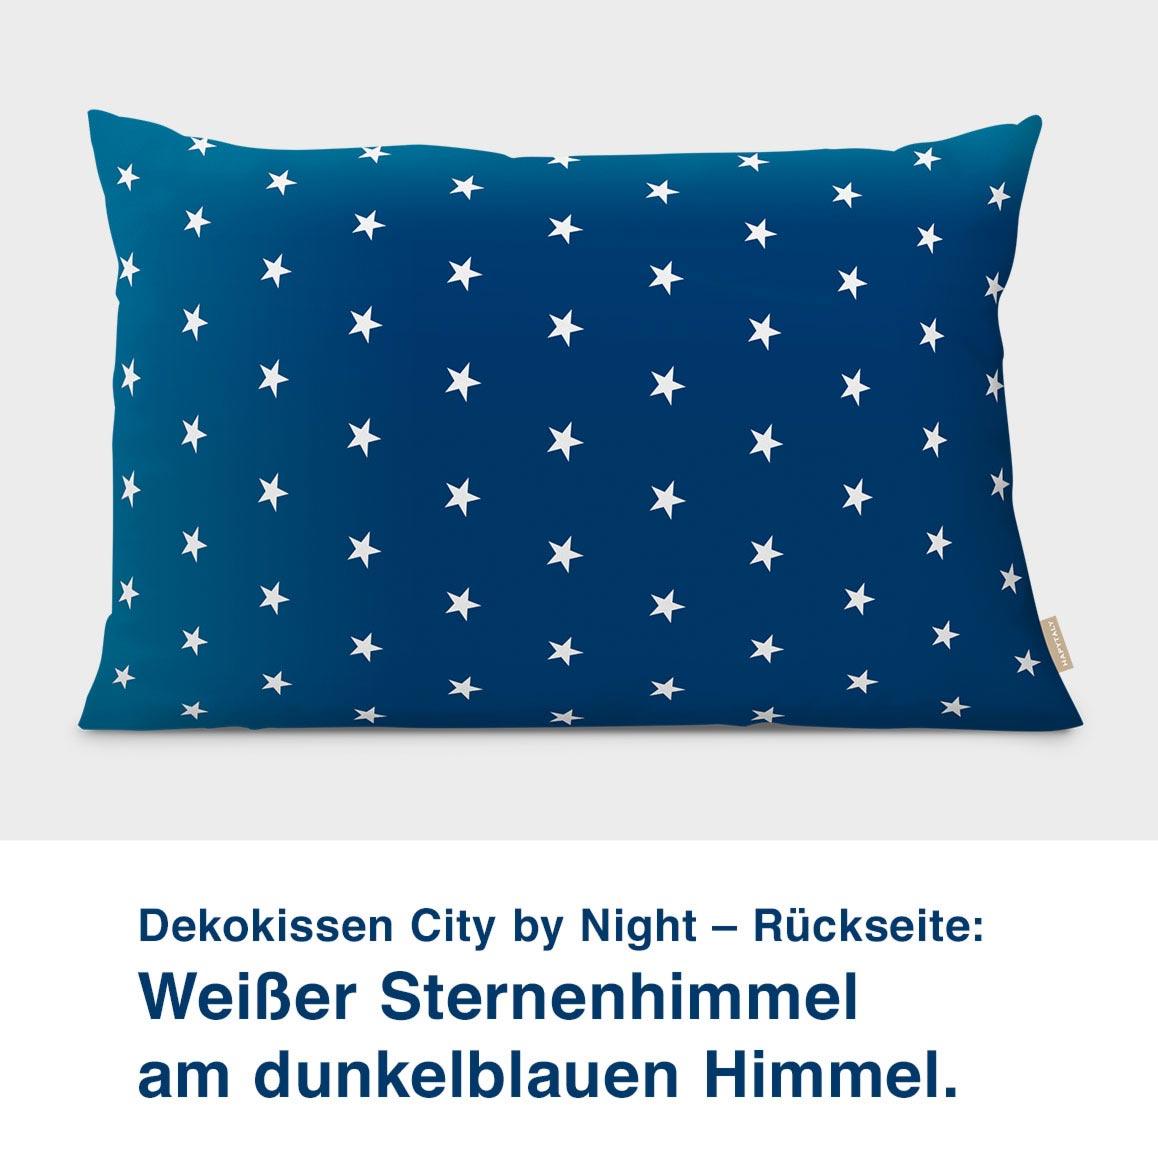 Dekokissen City by Night – Rückseite:  Weißer Sternenhimmel  am dunkelblauen Himmel.